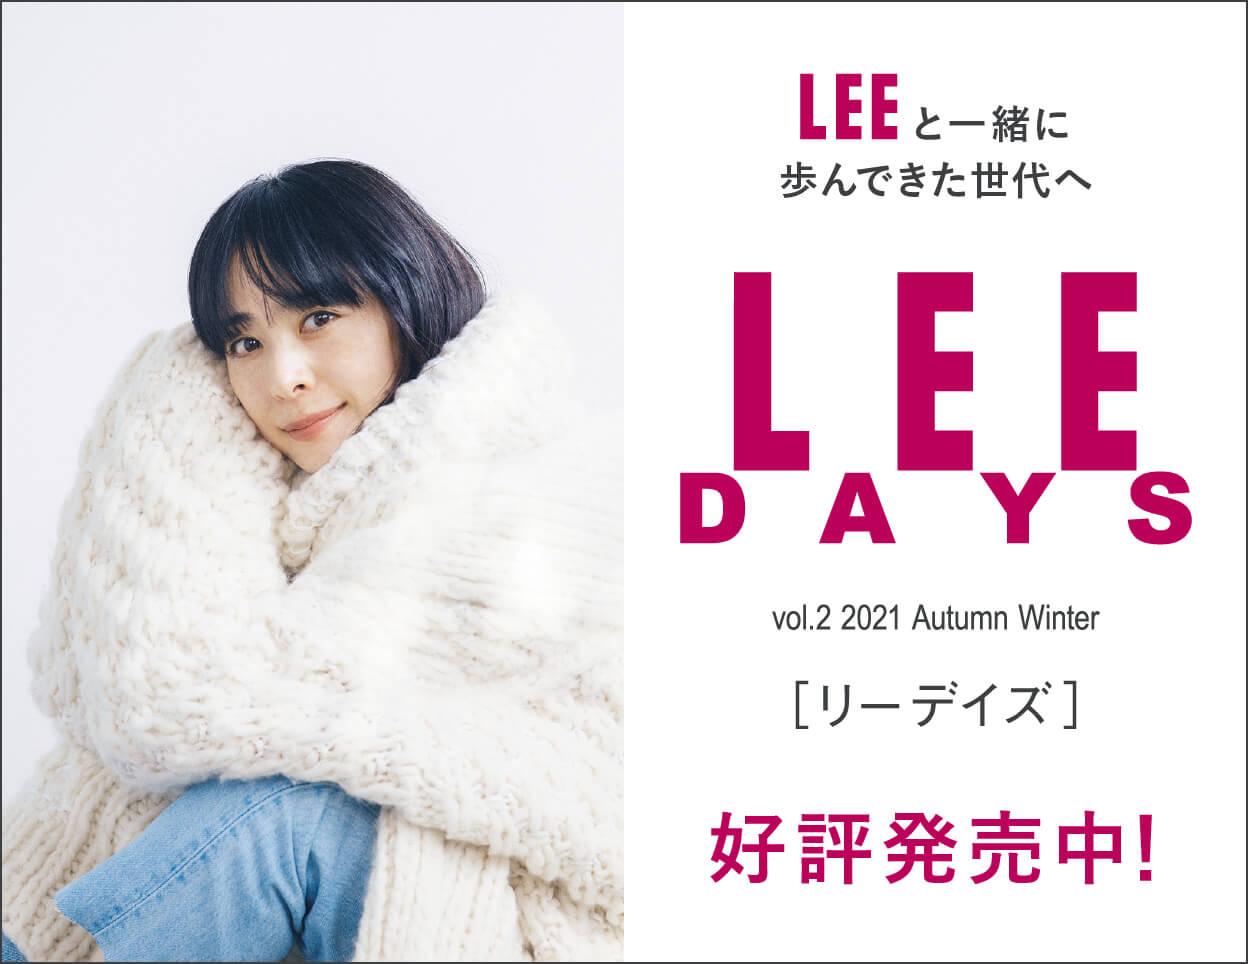 LEE DAYS vol.2 好評発売中!